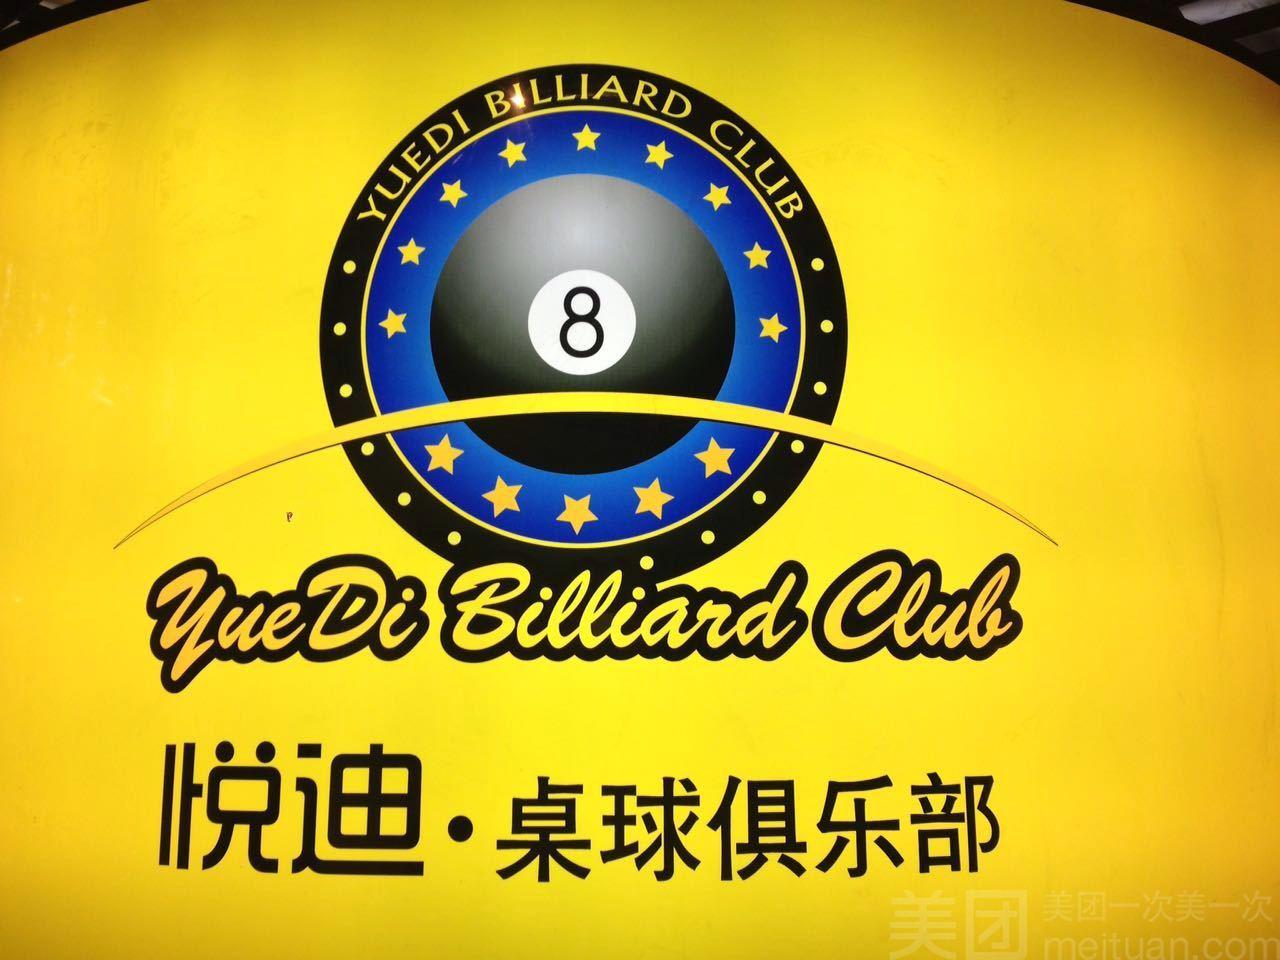 悦迪桌球俱乐部-美团